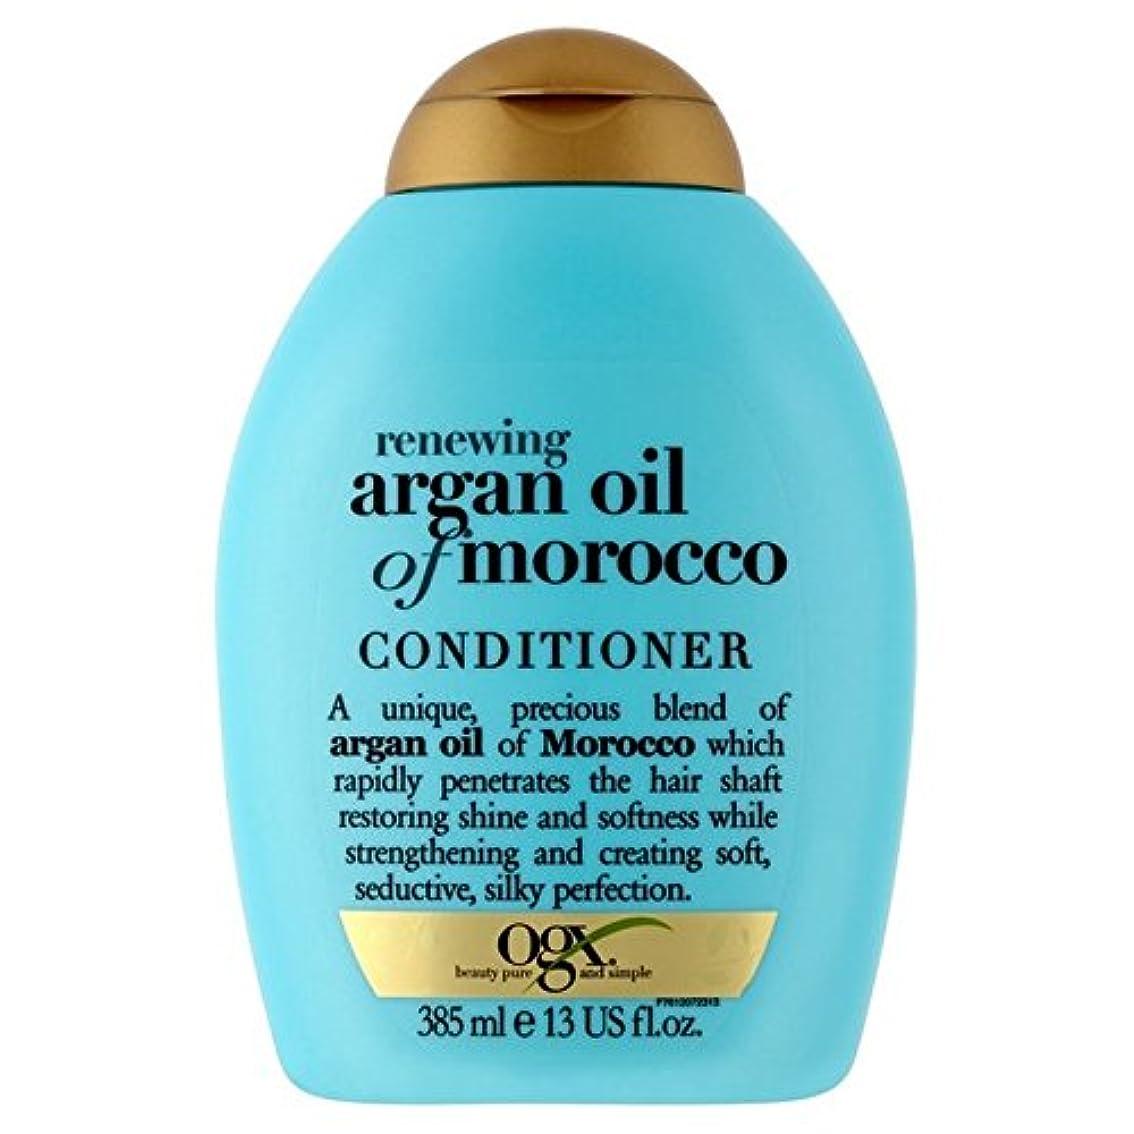 ビルマ進捗低下モロッコのアルガンオイルコンディショナー385ミリリットル x2 - Ogx Moroccan Argan Oil Conditioner 385ml (Pack of 2) [並行輸入品]